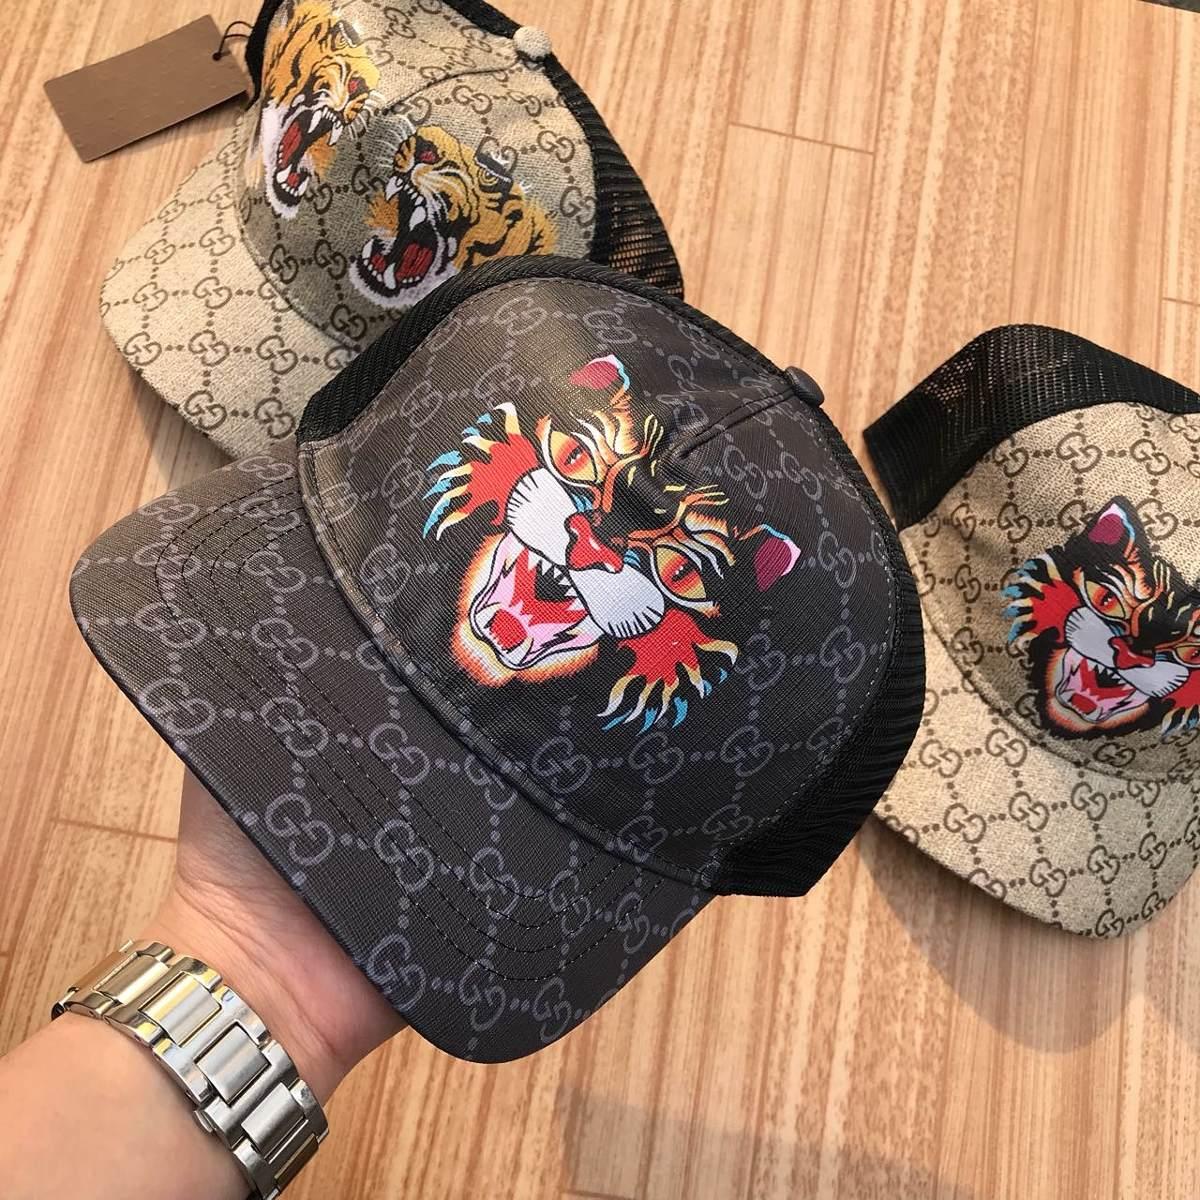 Gorra Gucci 43000 en Mercado Libre Gorra en 2018 t fb00c940d75